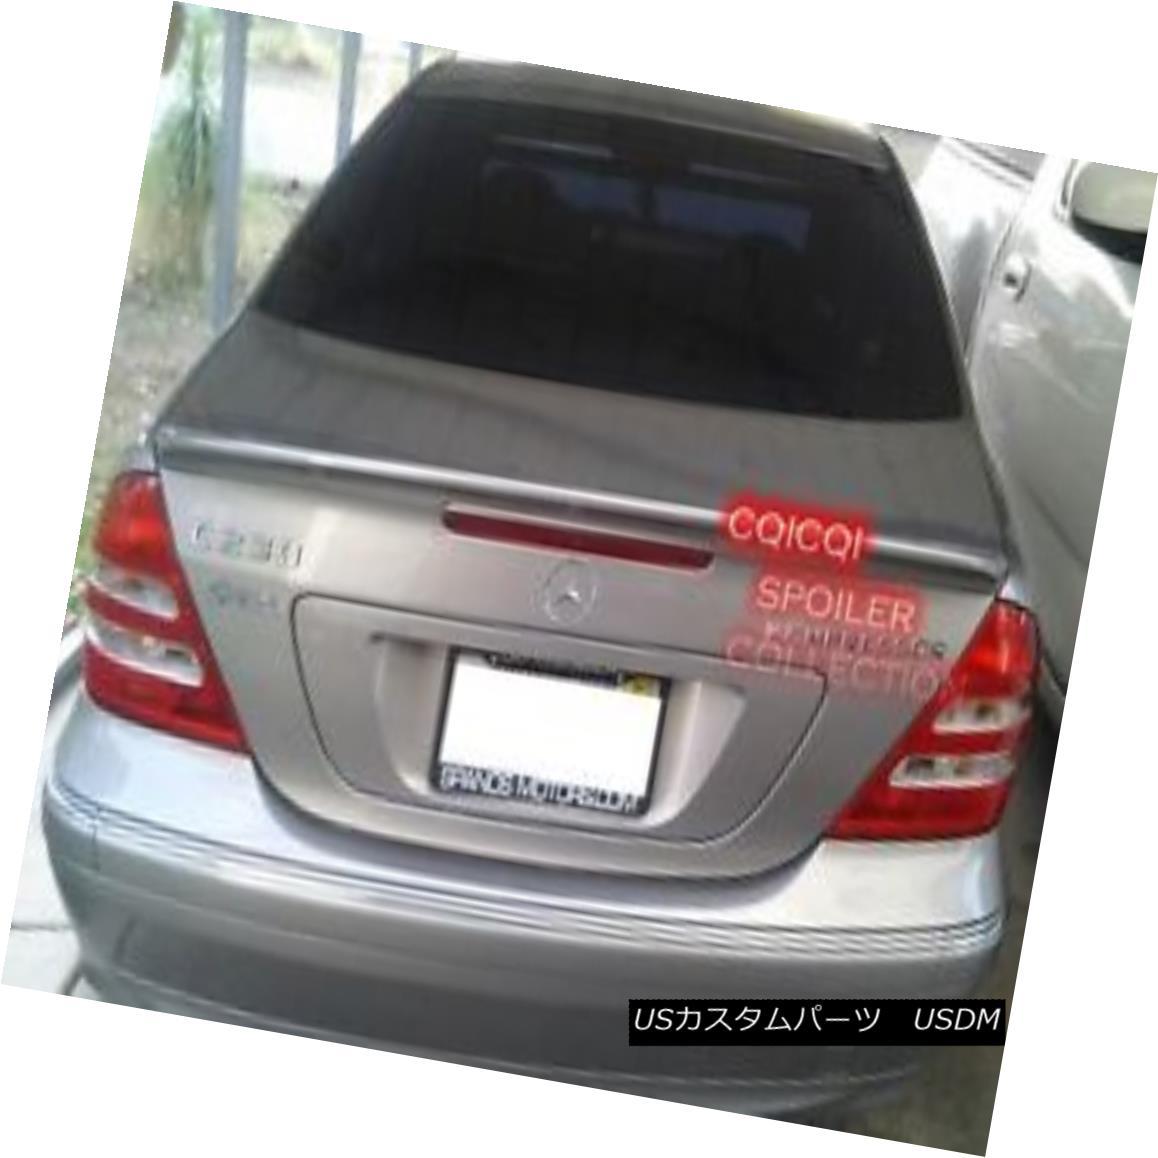 エアロパーツ Painted M-BENZ 01-07 W203 C class AMG style trunk spoiler color-197 Black ◎ ペイントされたM-BENZ 01-07 W203 CクラスAMGスタイルのトランク・スポイラーcolor-197 Black?